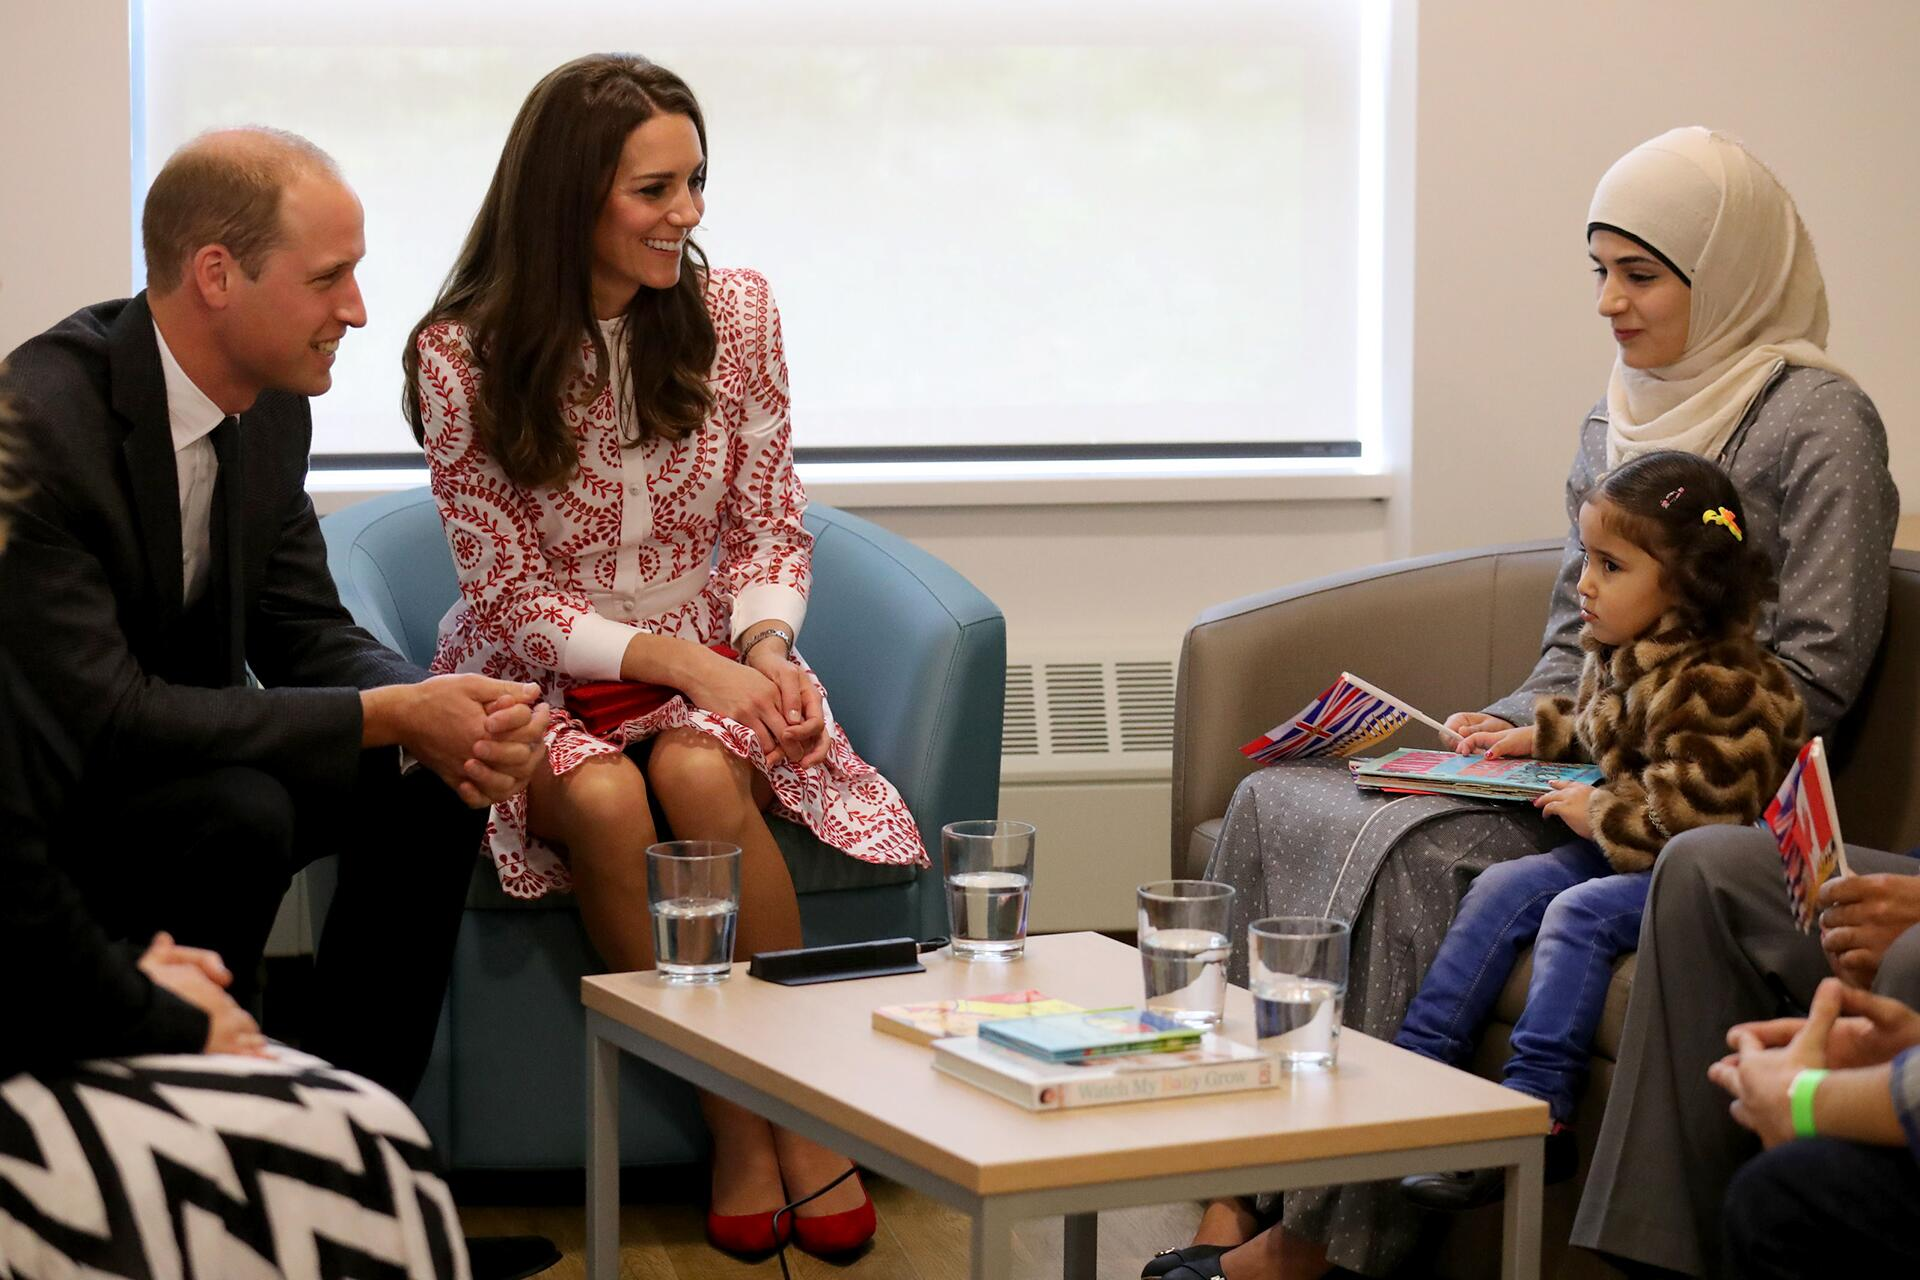 Bild zu Royals, William, Kate, Flüchtlinge